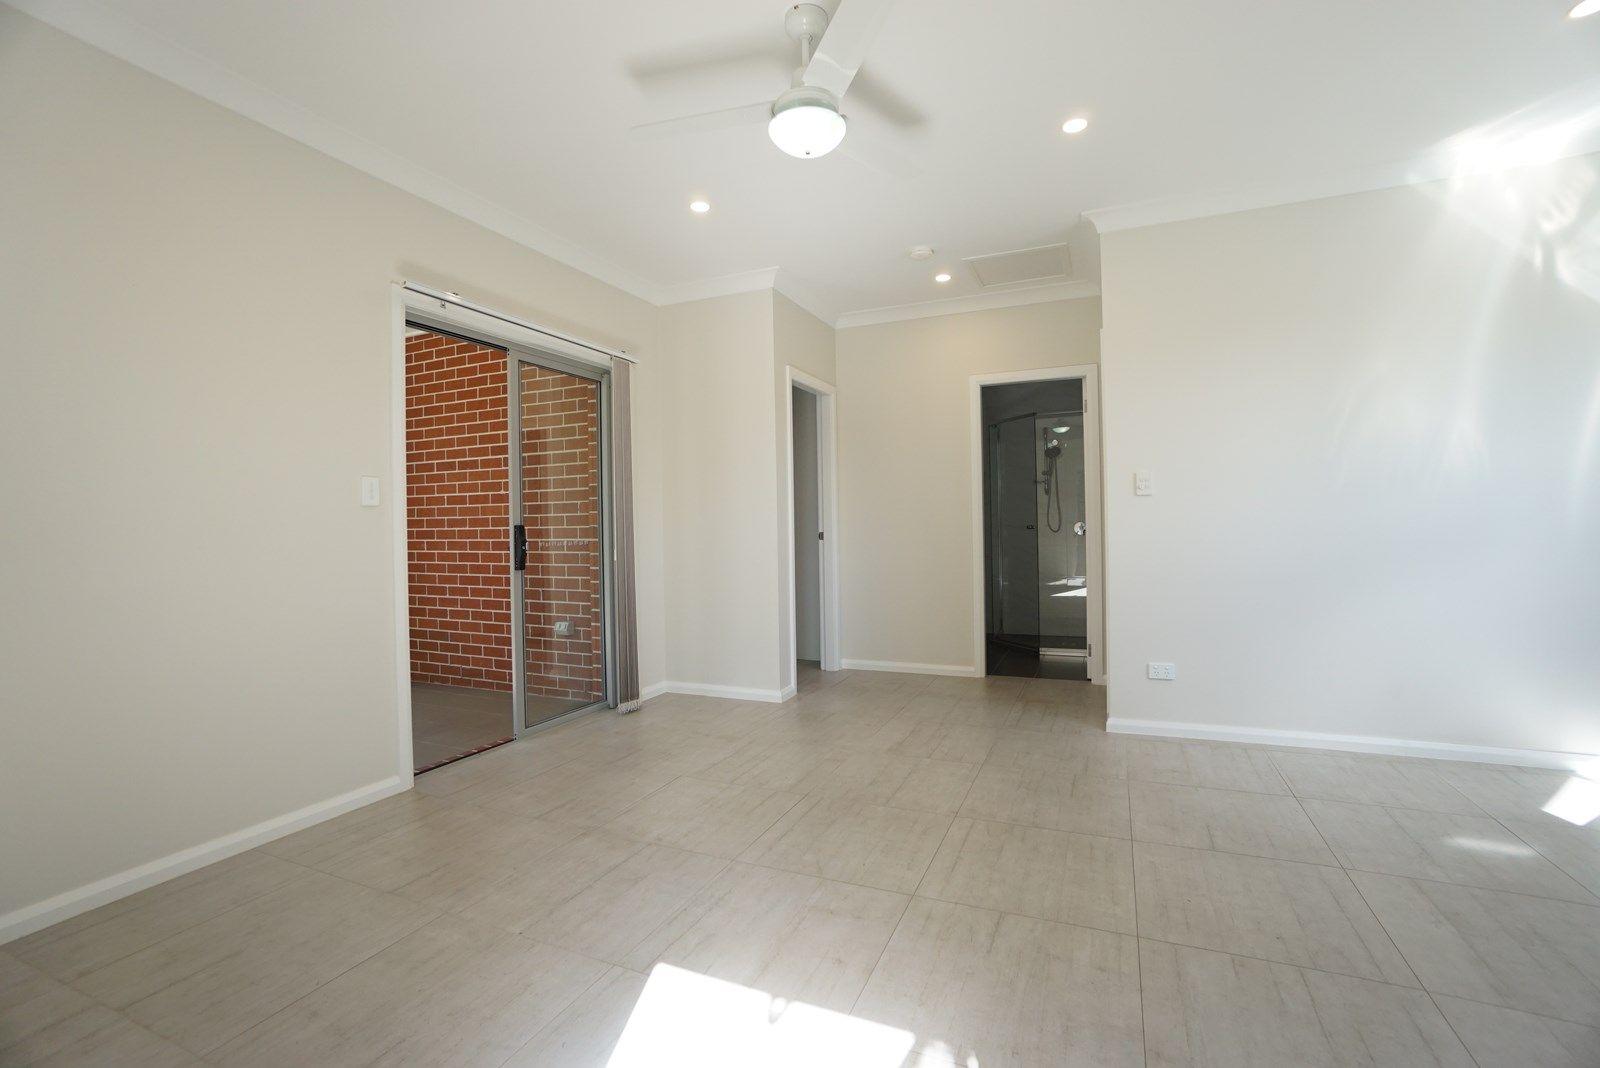 29A Kawana Close, Epping NSW 2121, Image 2